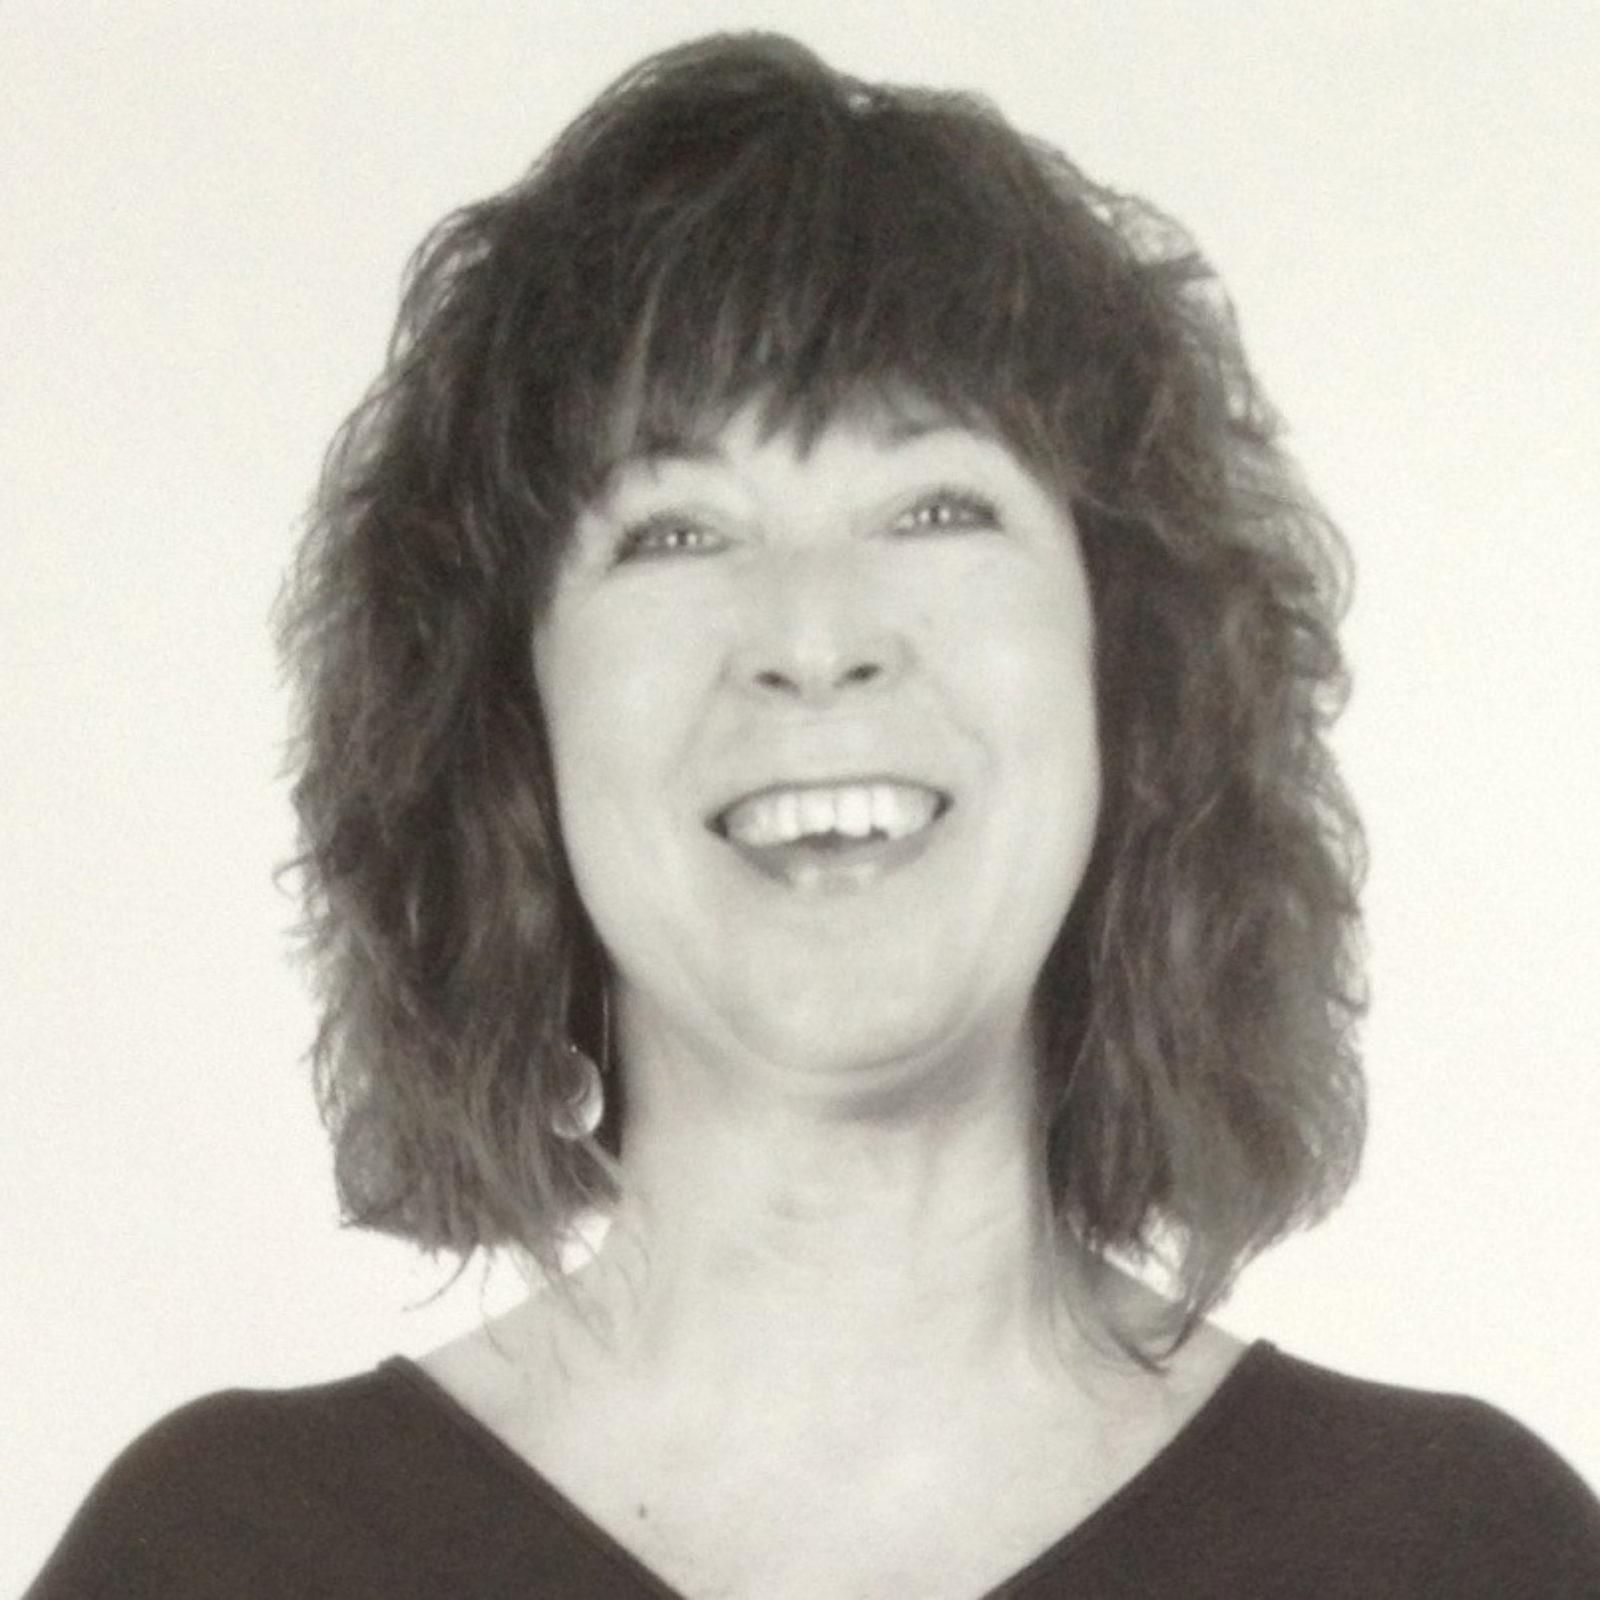 Lee-Ann Martin